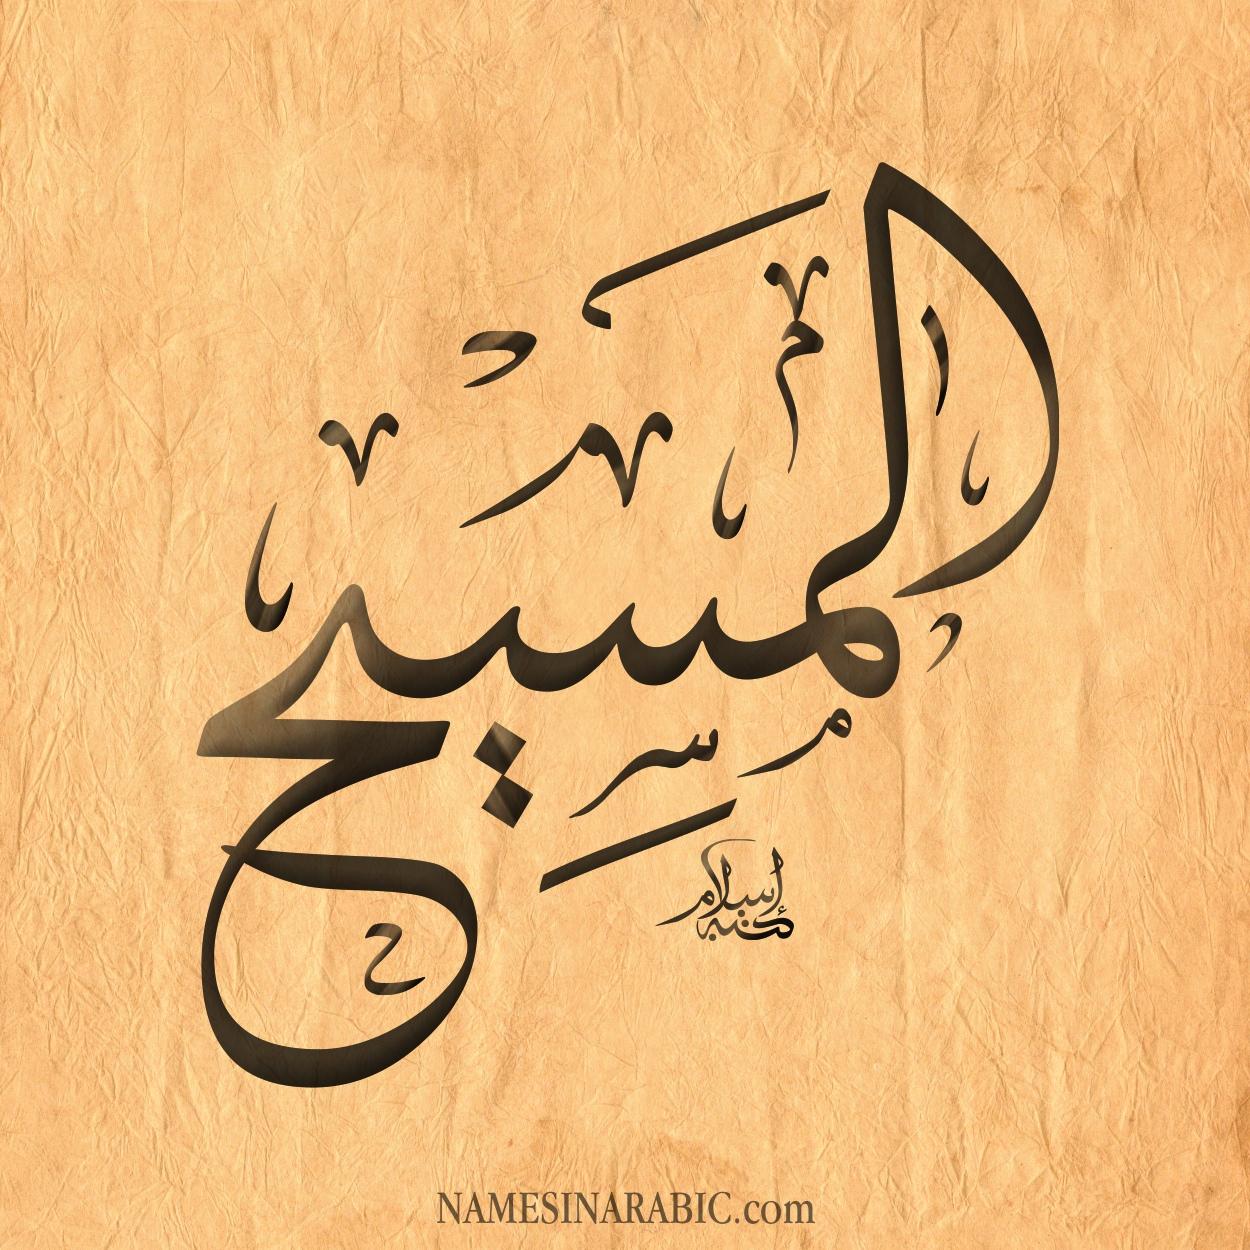 صورة اسم مسيح MSIH اسم مسيح بالخط العربي من موقع الأسماء بالخط العربي بريشة الفنان إسلام ابن الفضل